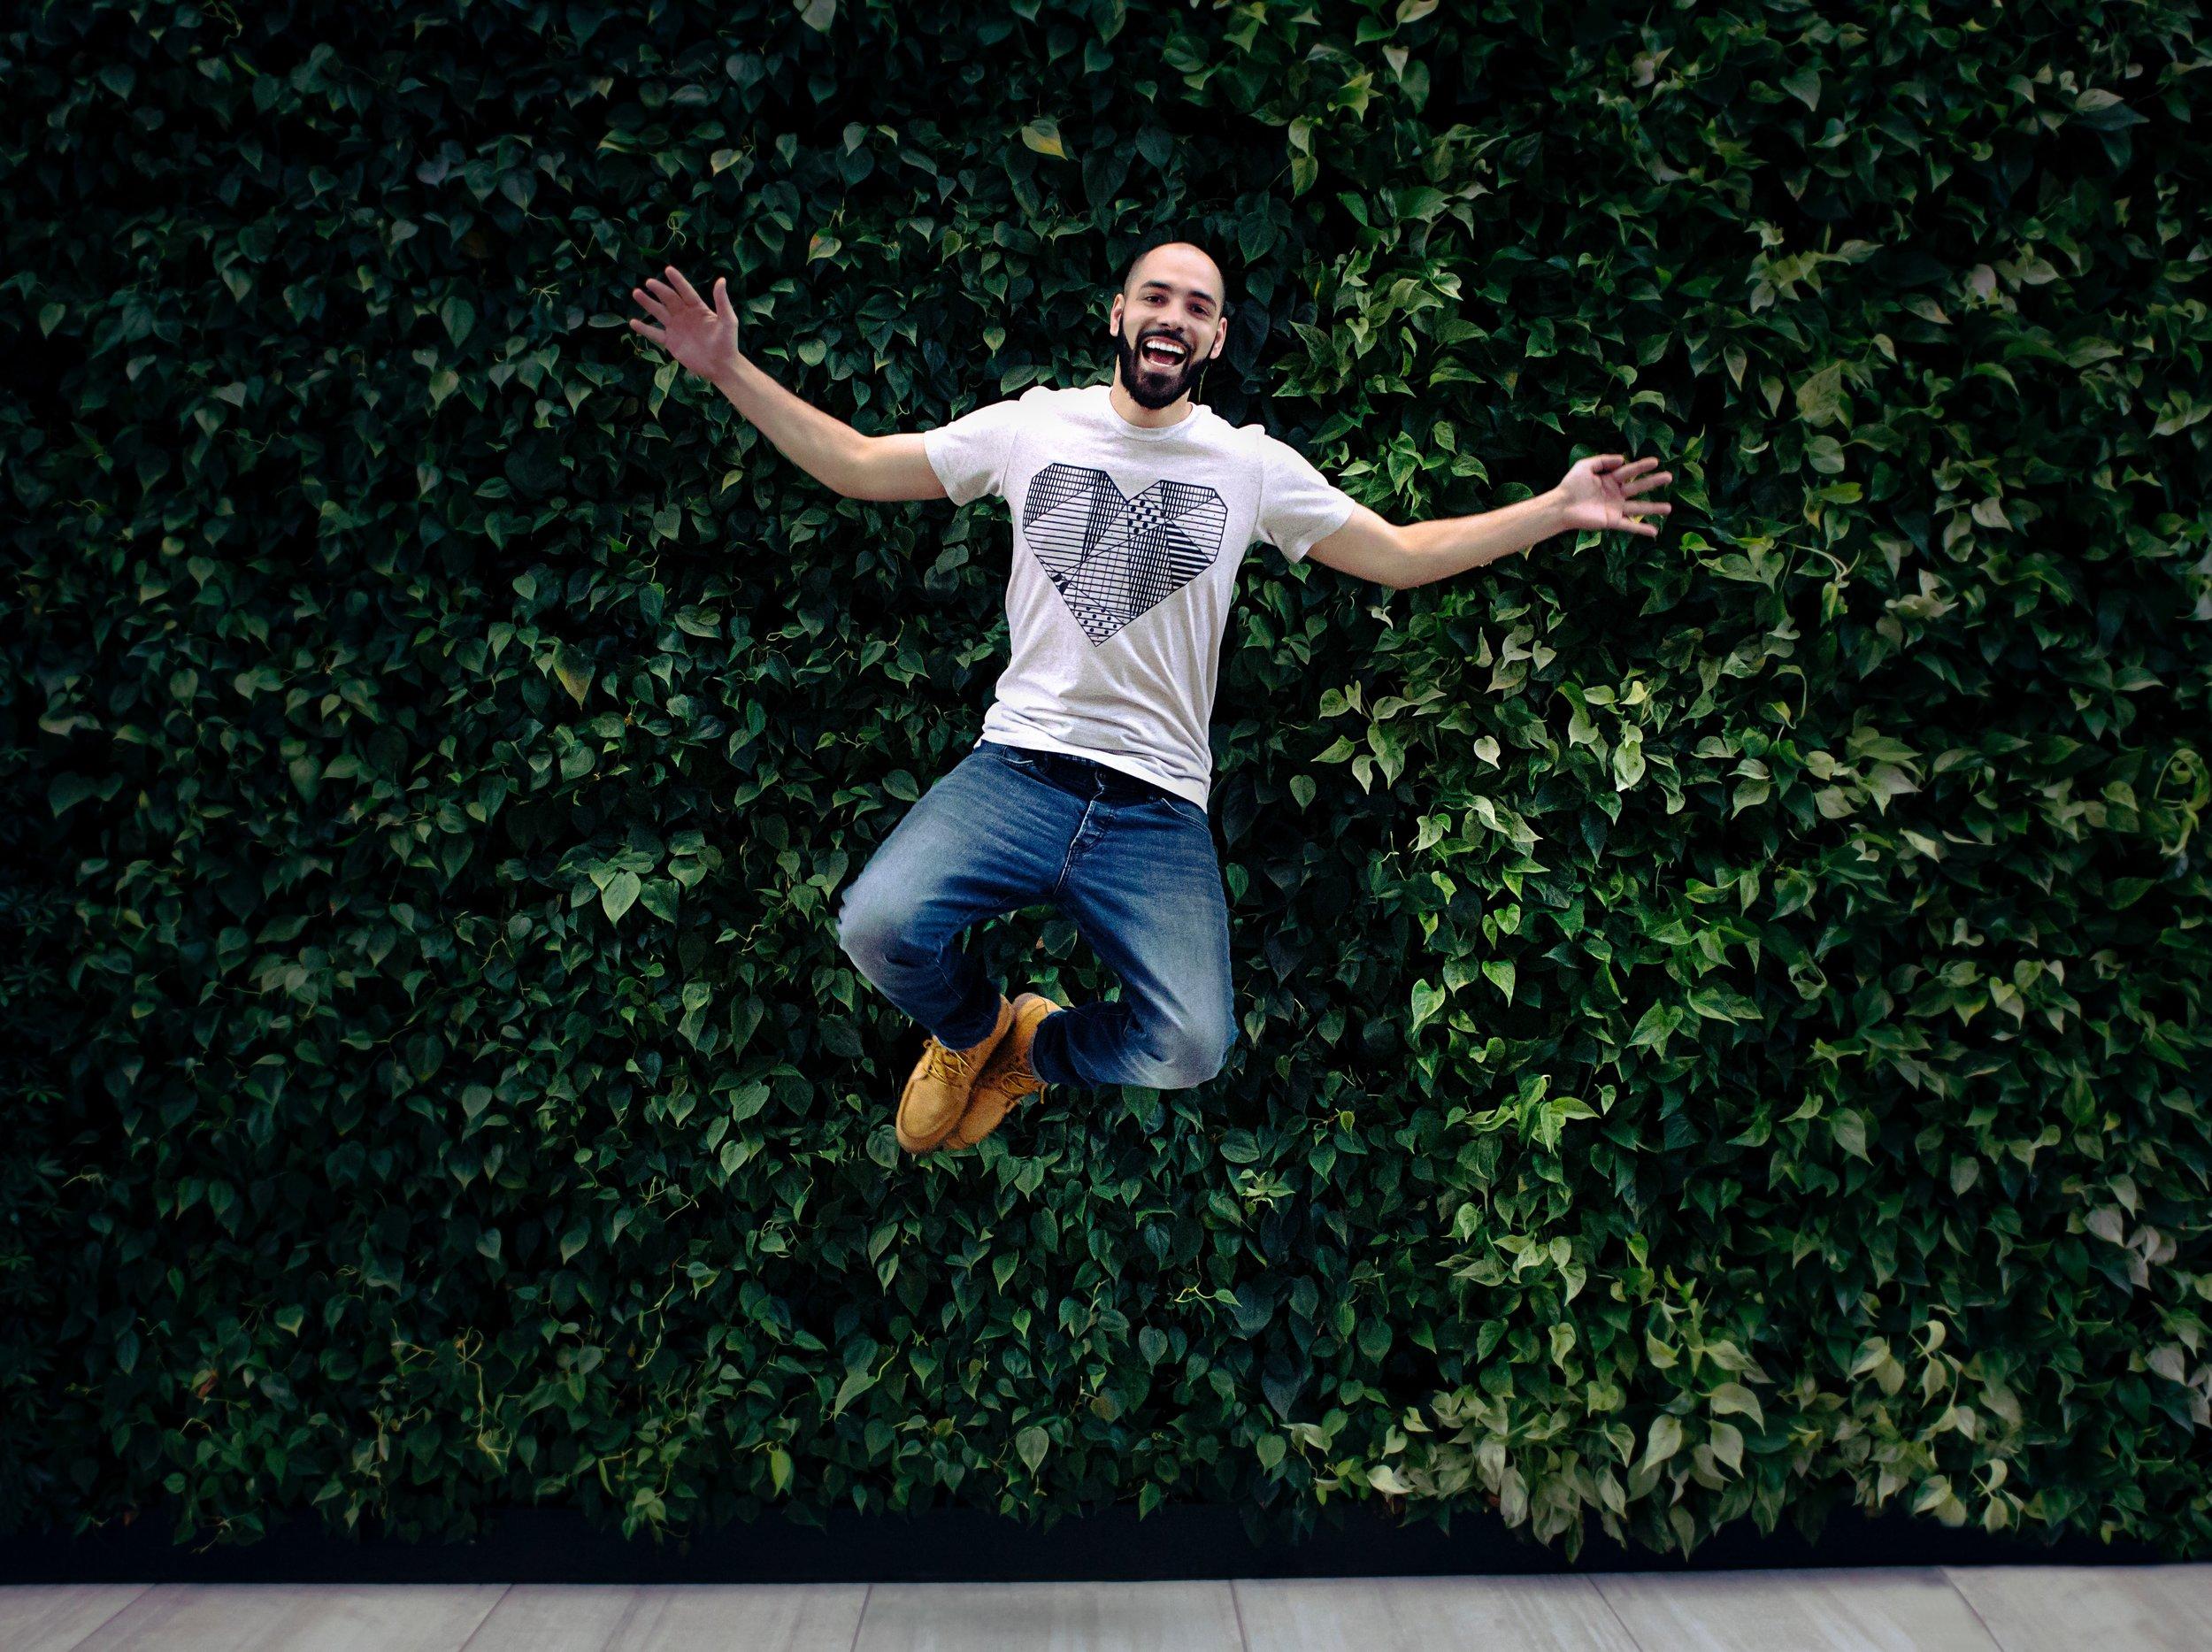 Stress Free Jumper